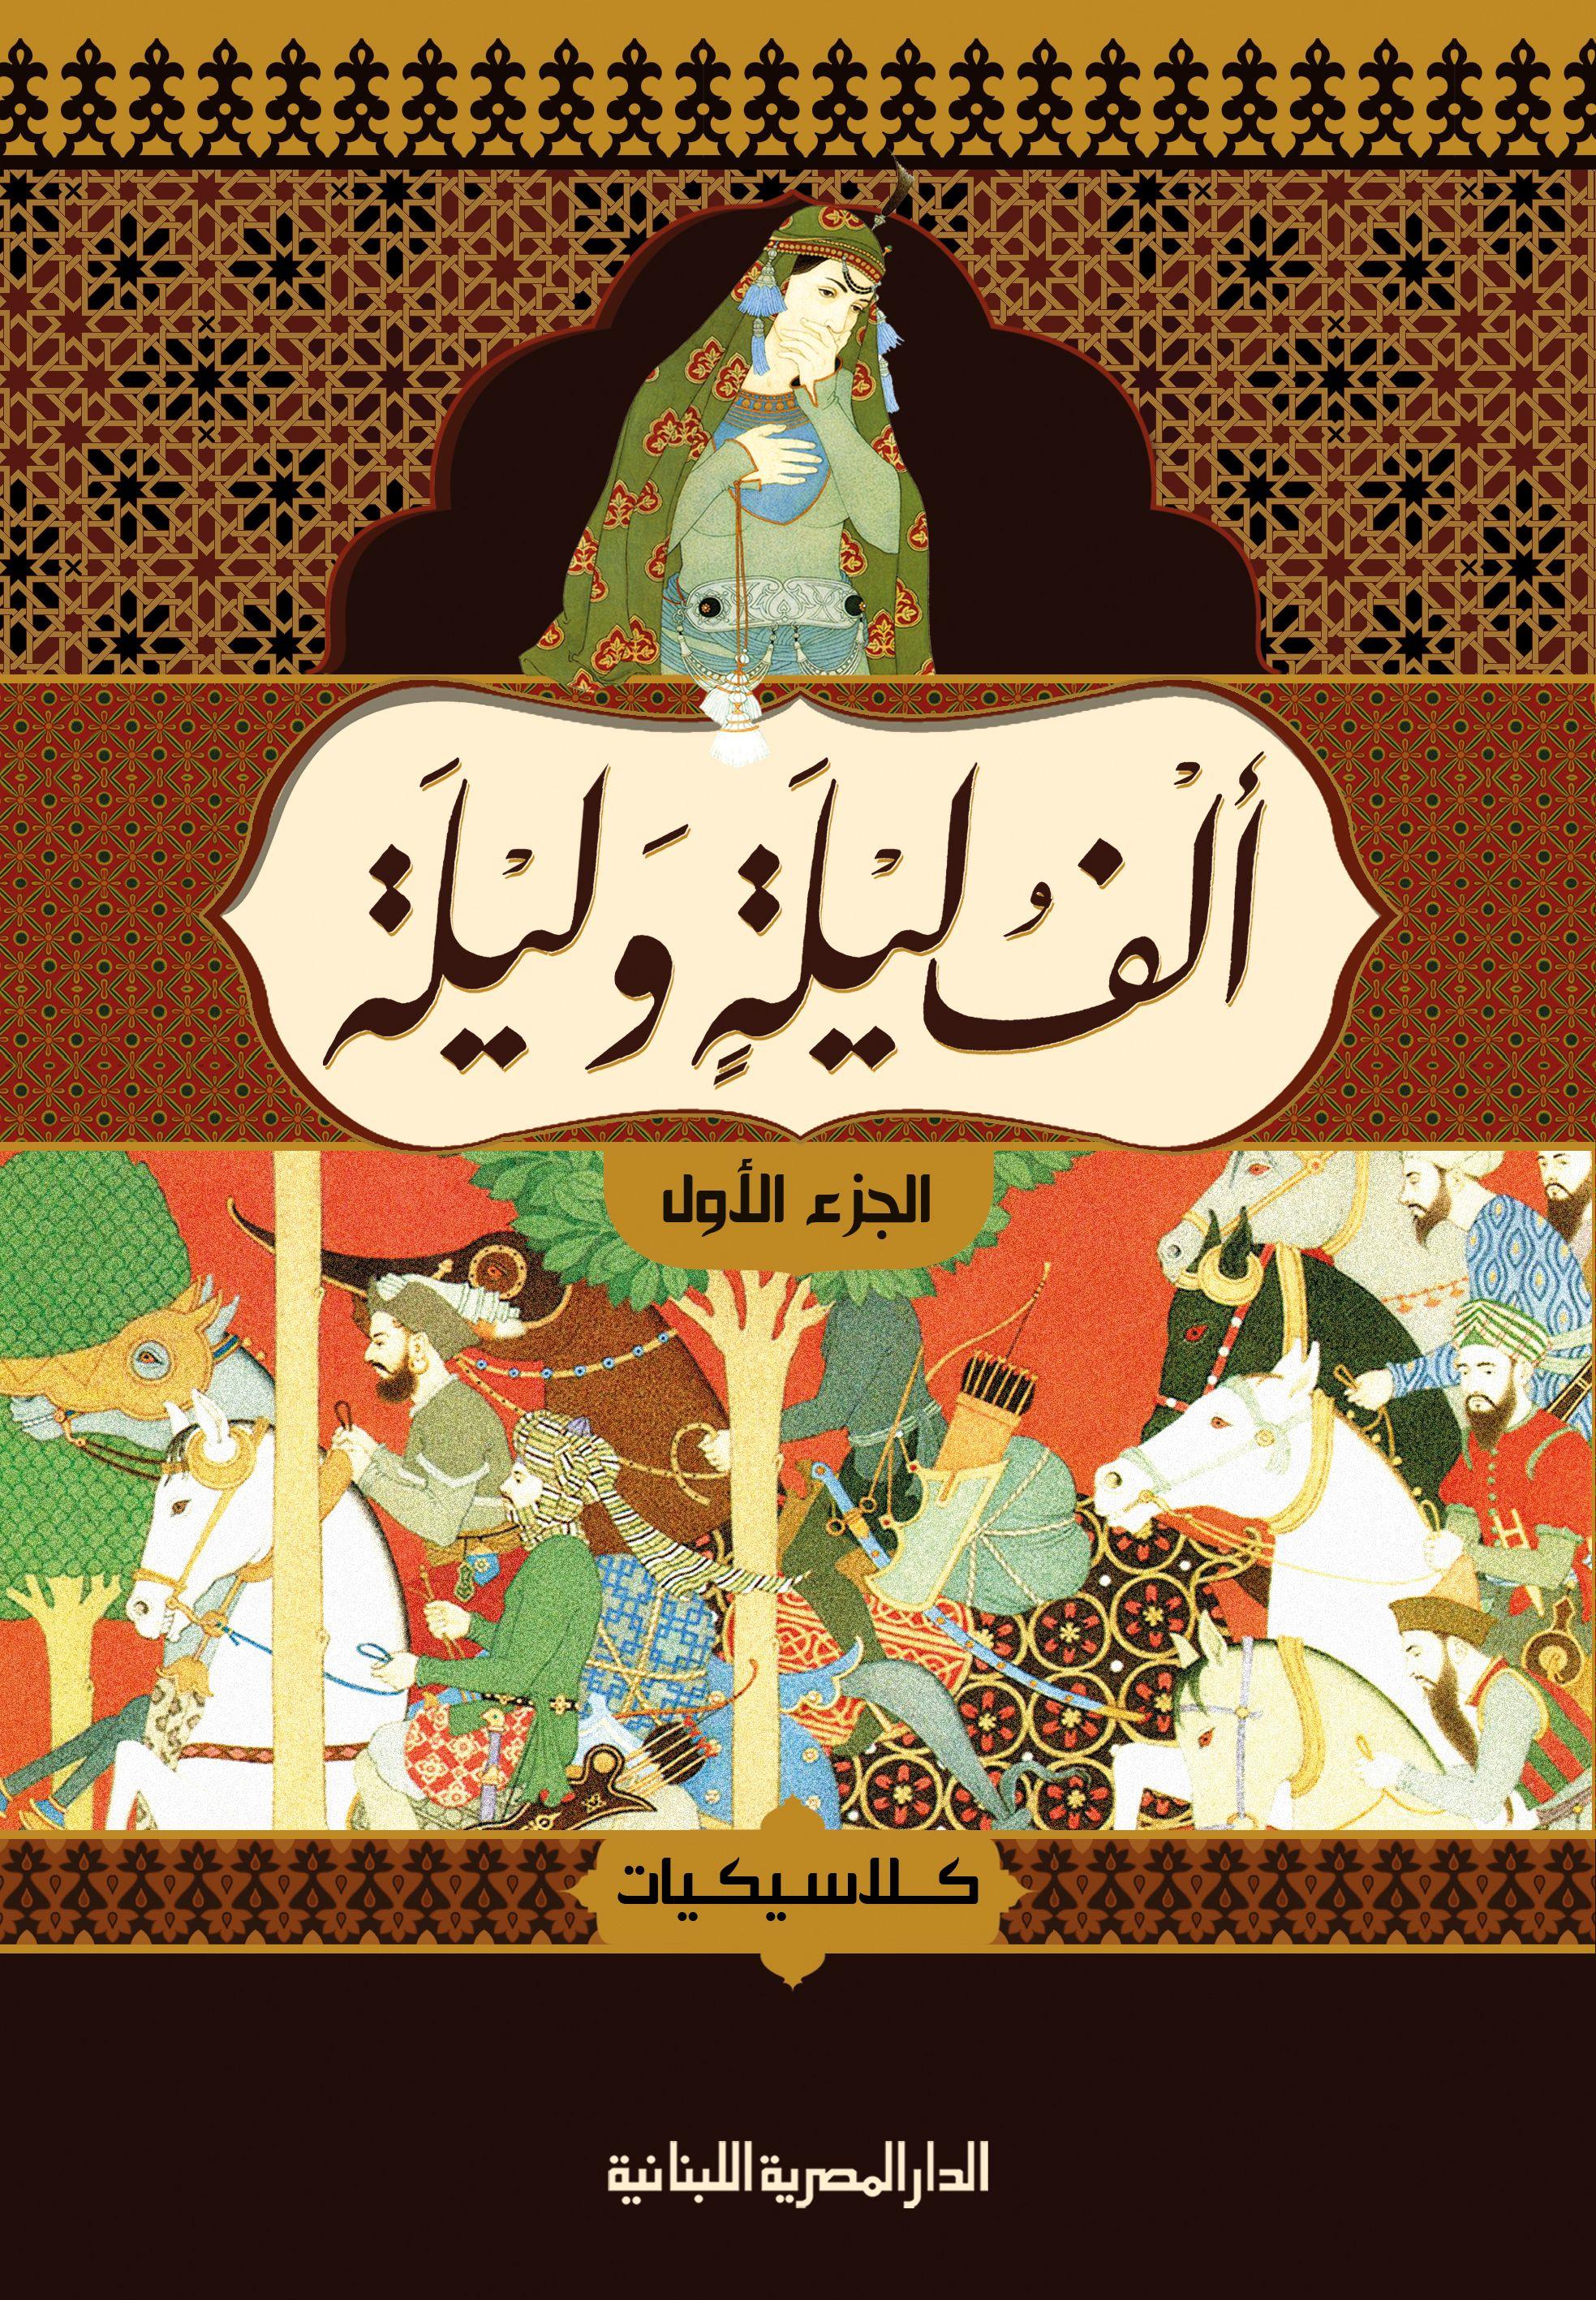 الف ليلة وليلة 4 أجزاء كلاسيكيات الدار المصرية اللبنانية Poster Movie Posters Movies